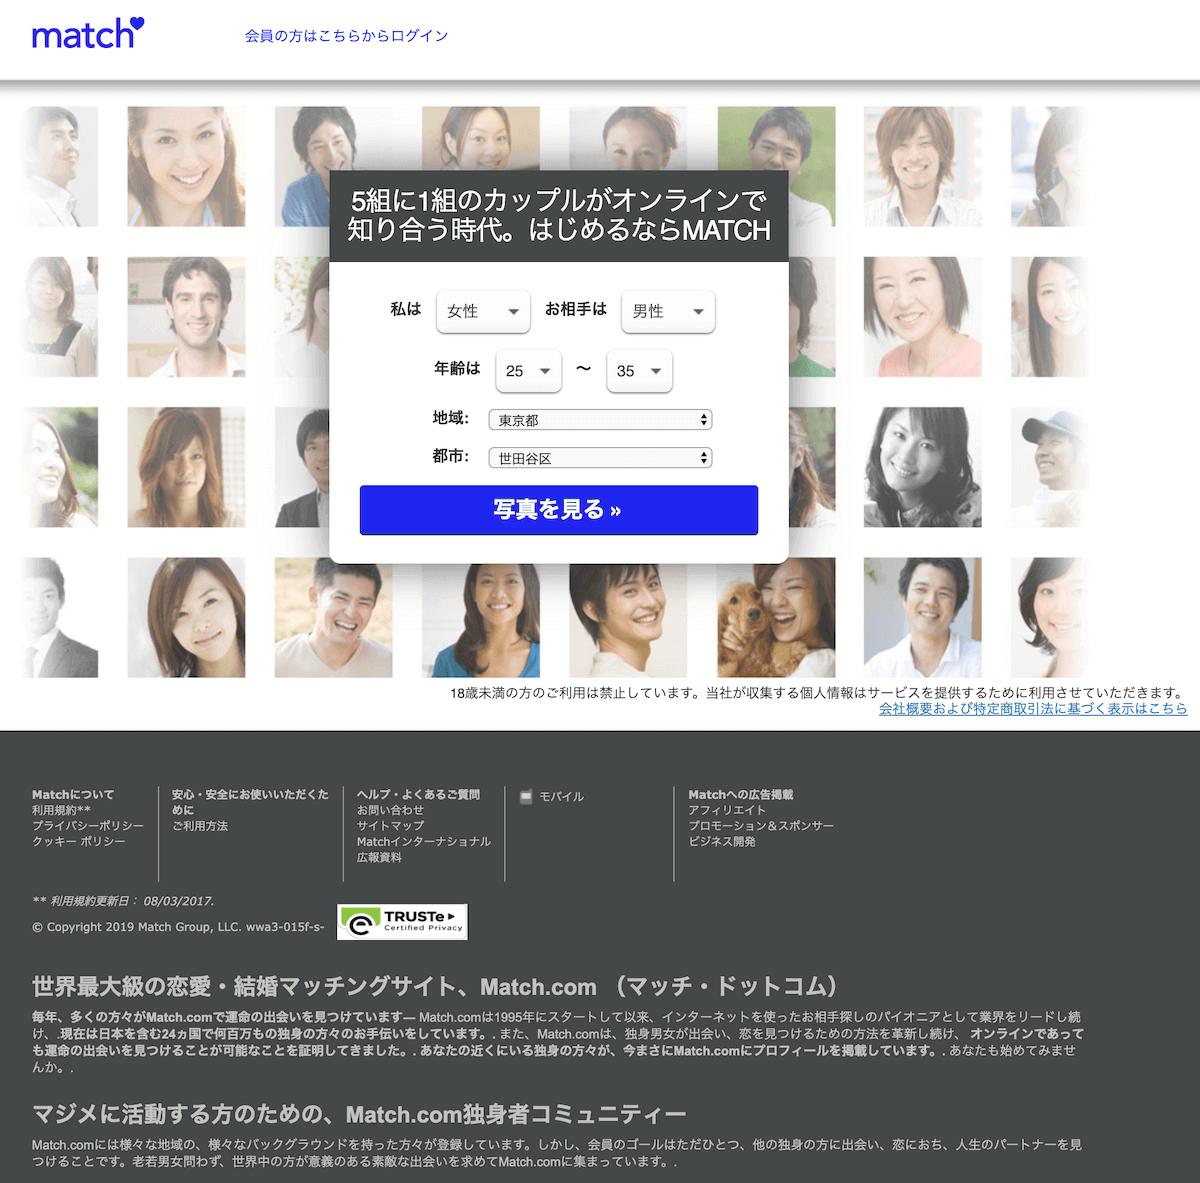 matchのサイトイメージ